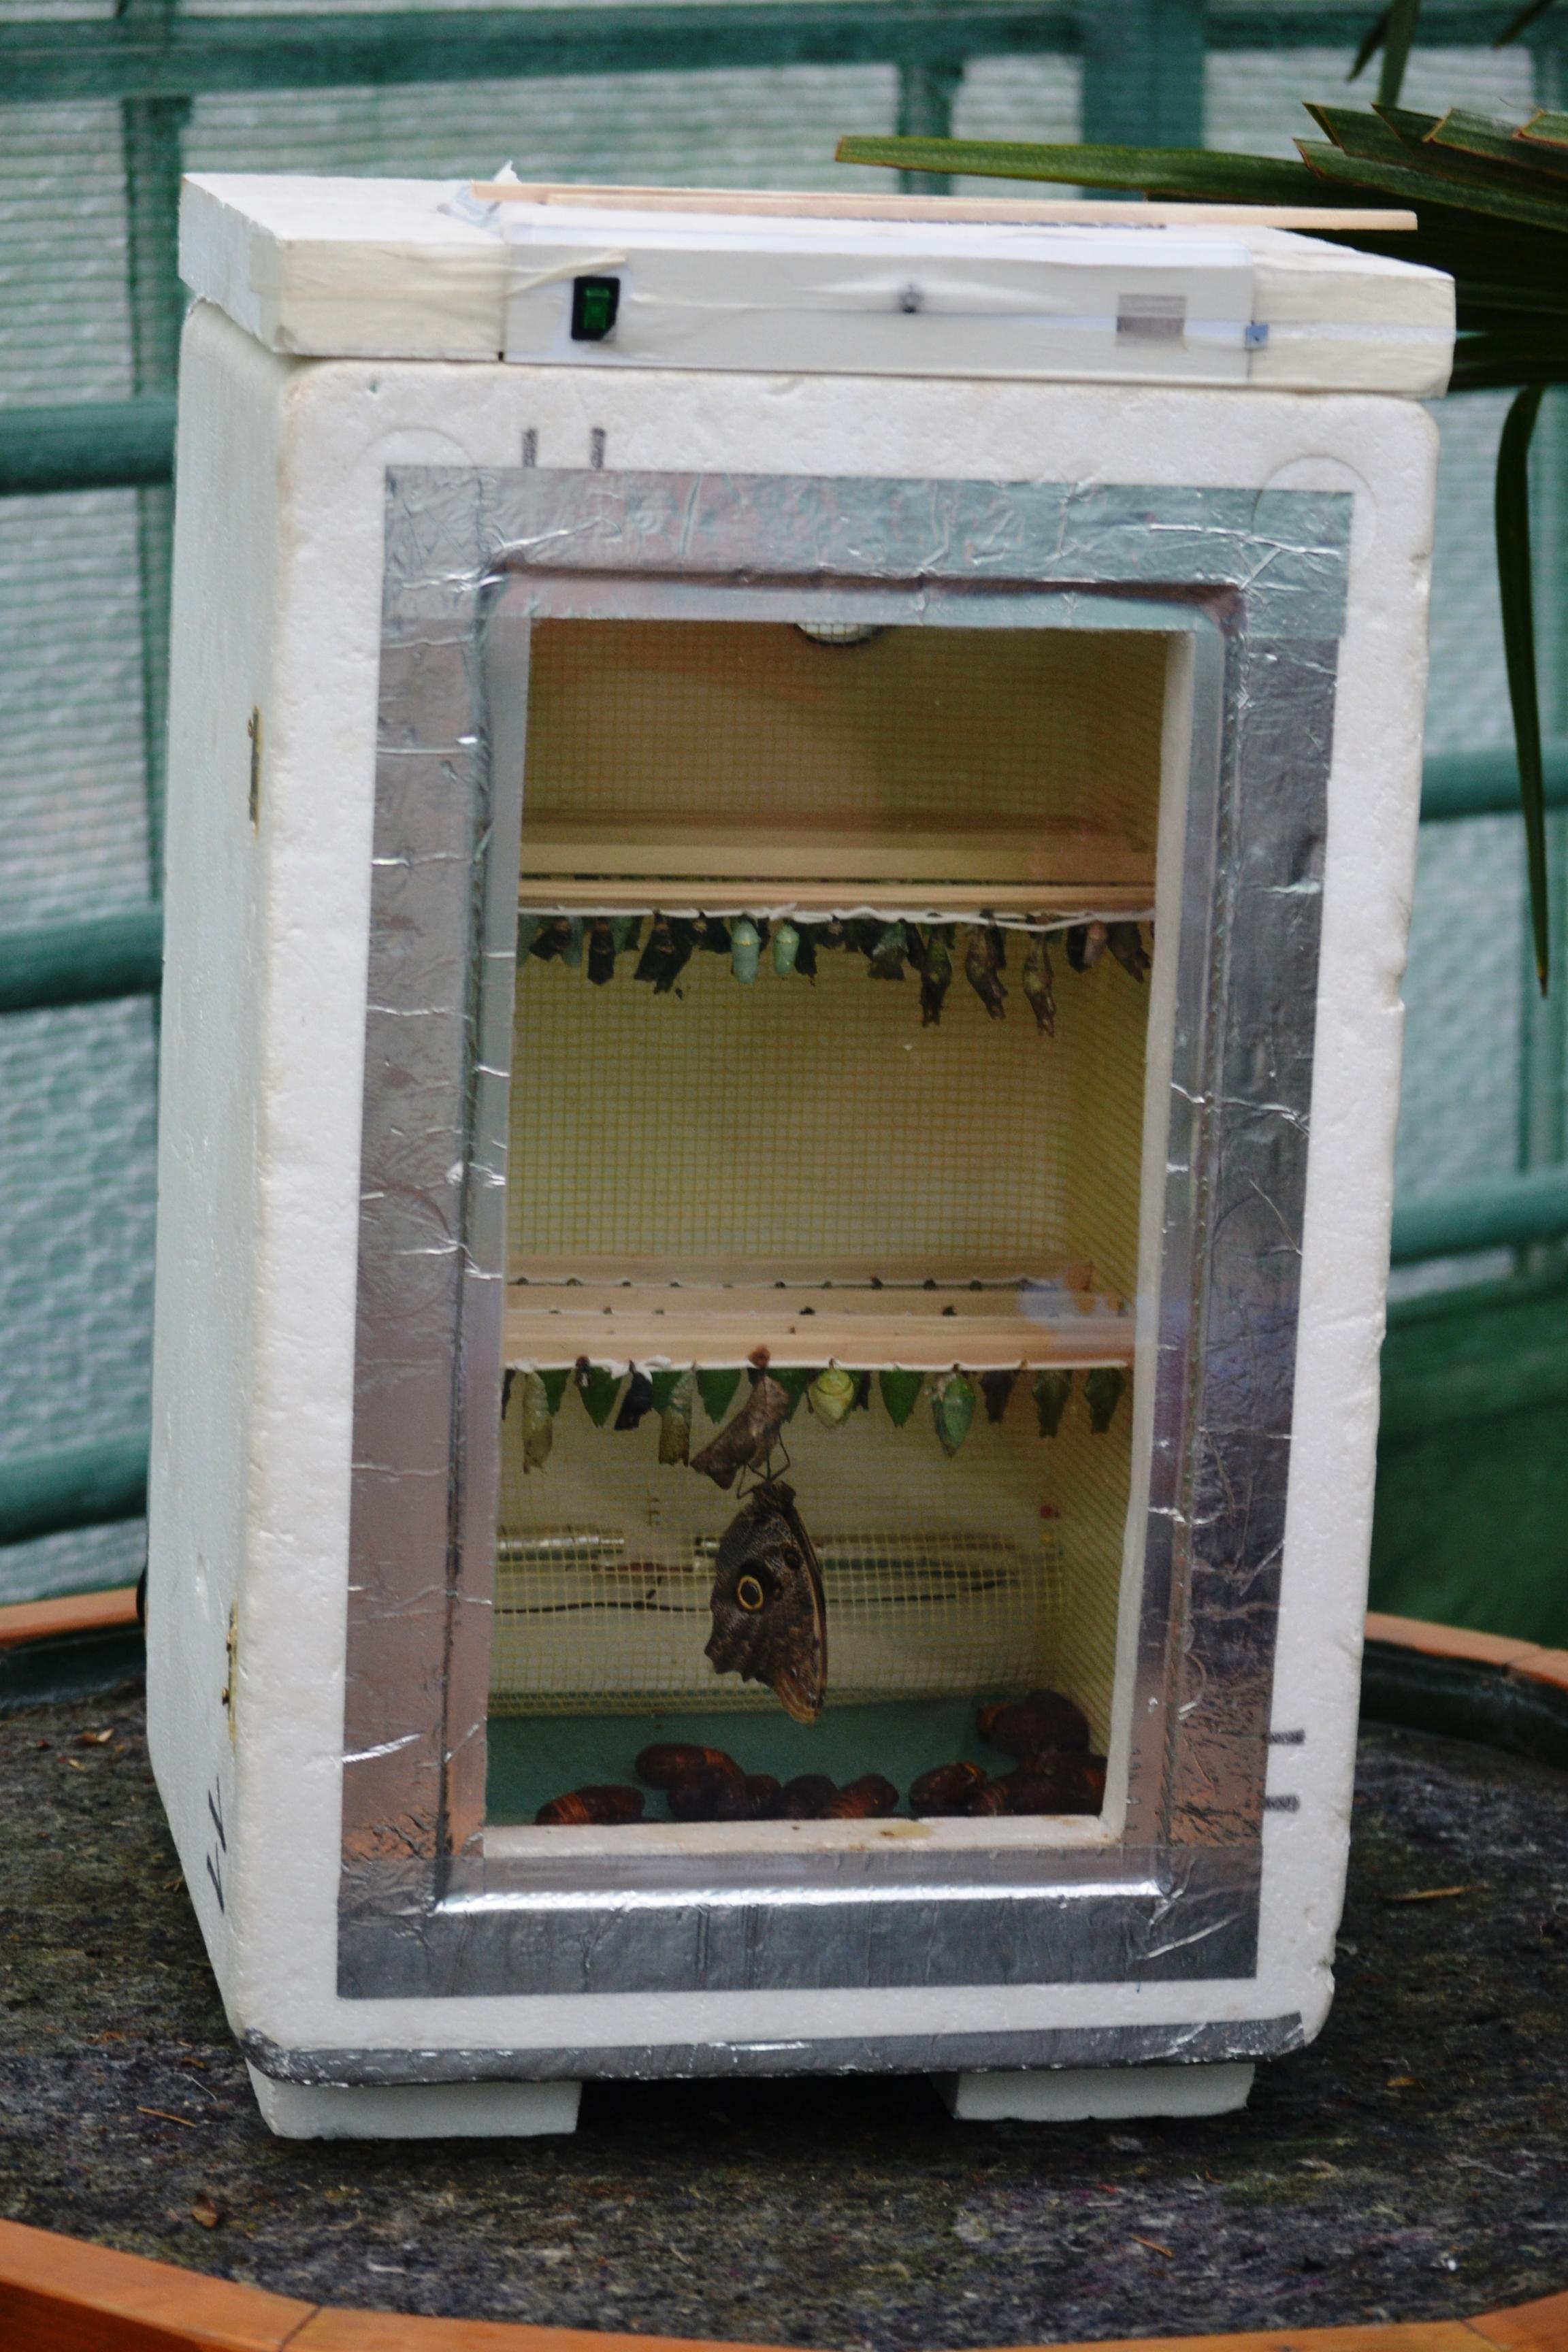 Incubatorul în care sunt ținute pupele / Foto: Maria Man